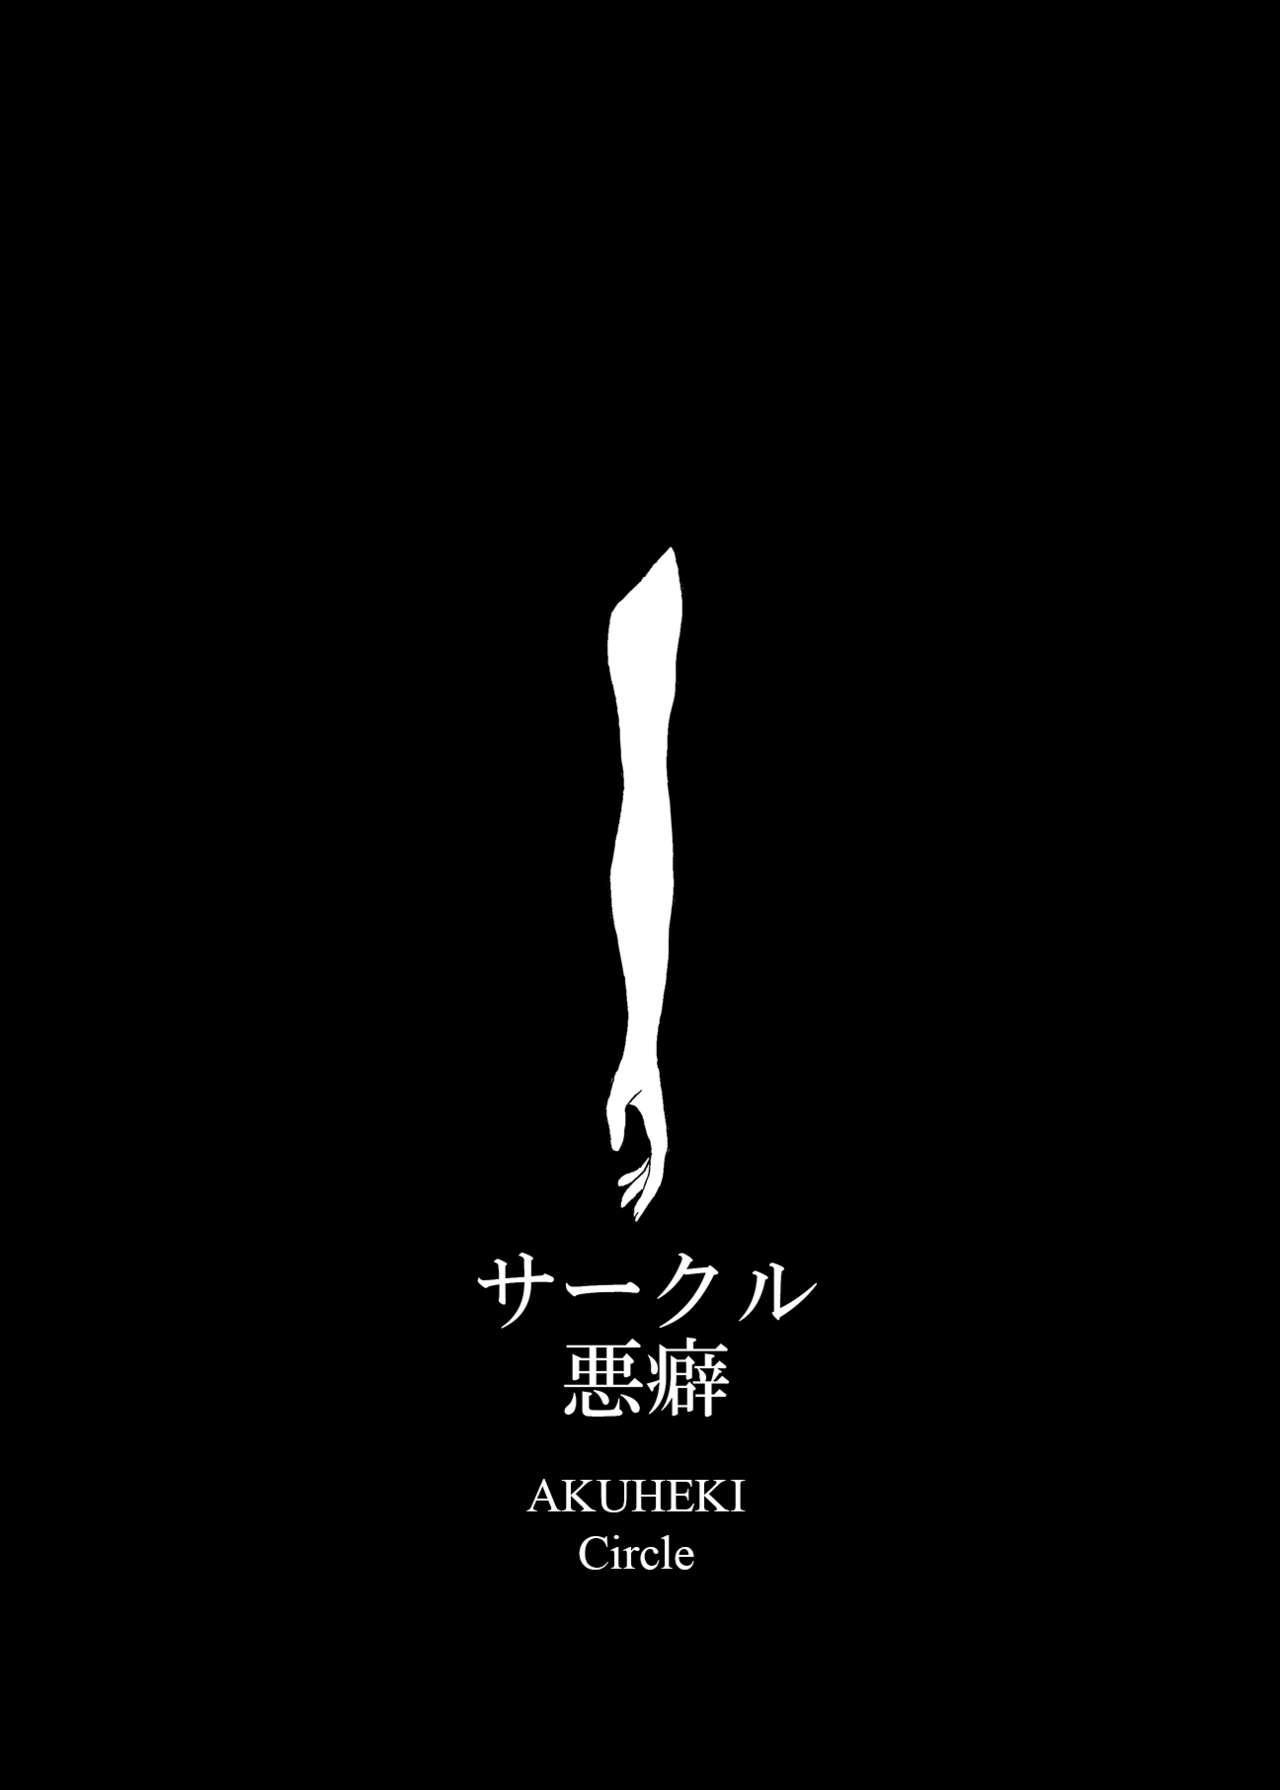 Mikai no Chi de Hirotta Nazo Gengo Tangan-chan o Maid to Shite Yatotte Icha Love suru Hon 3.5 29